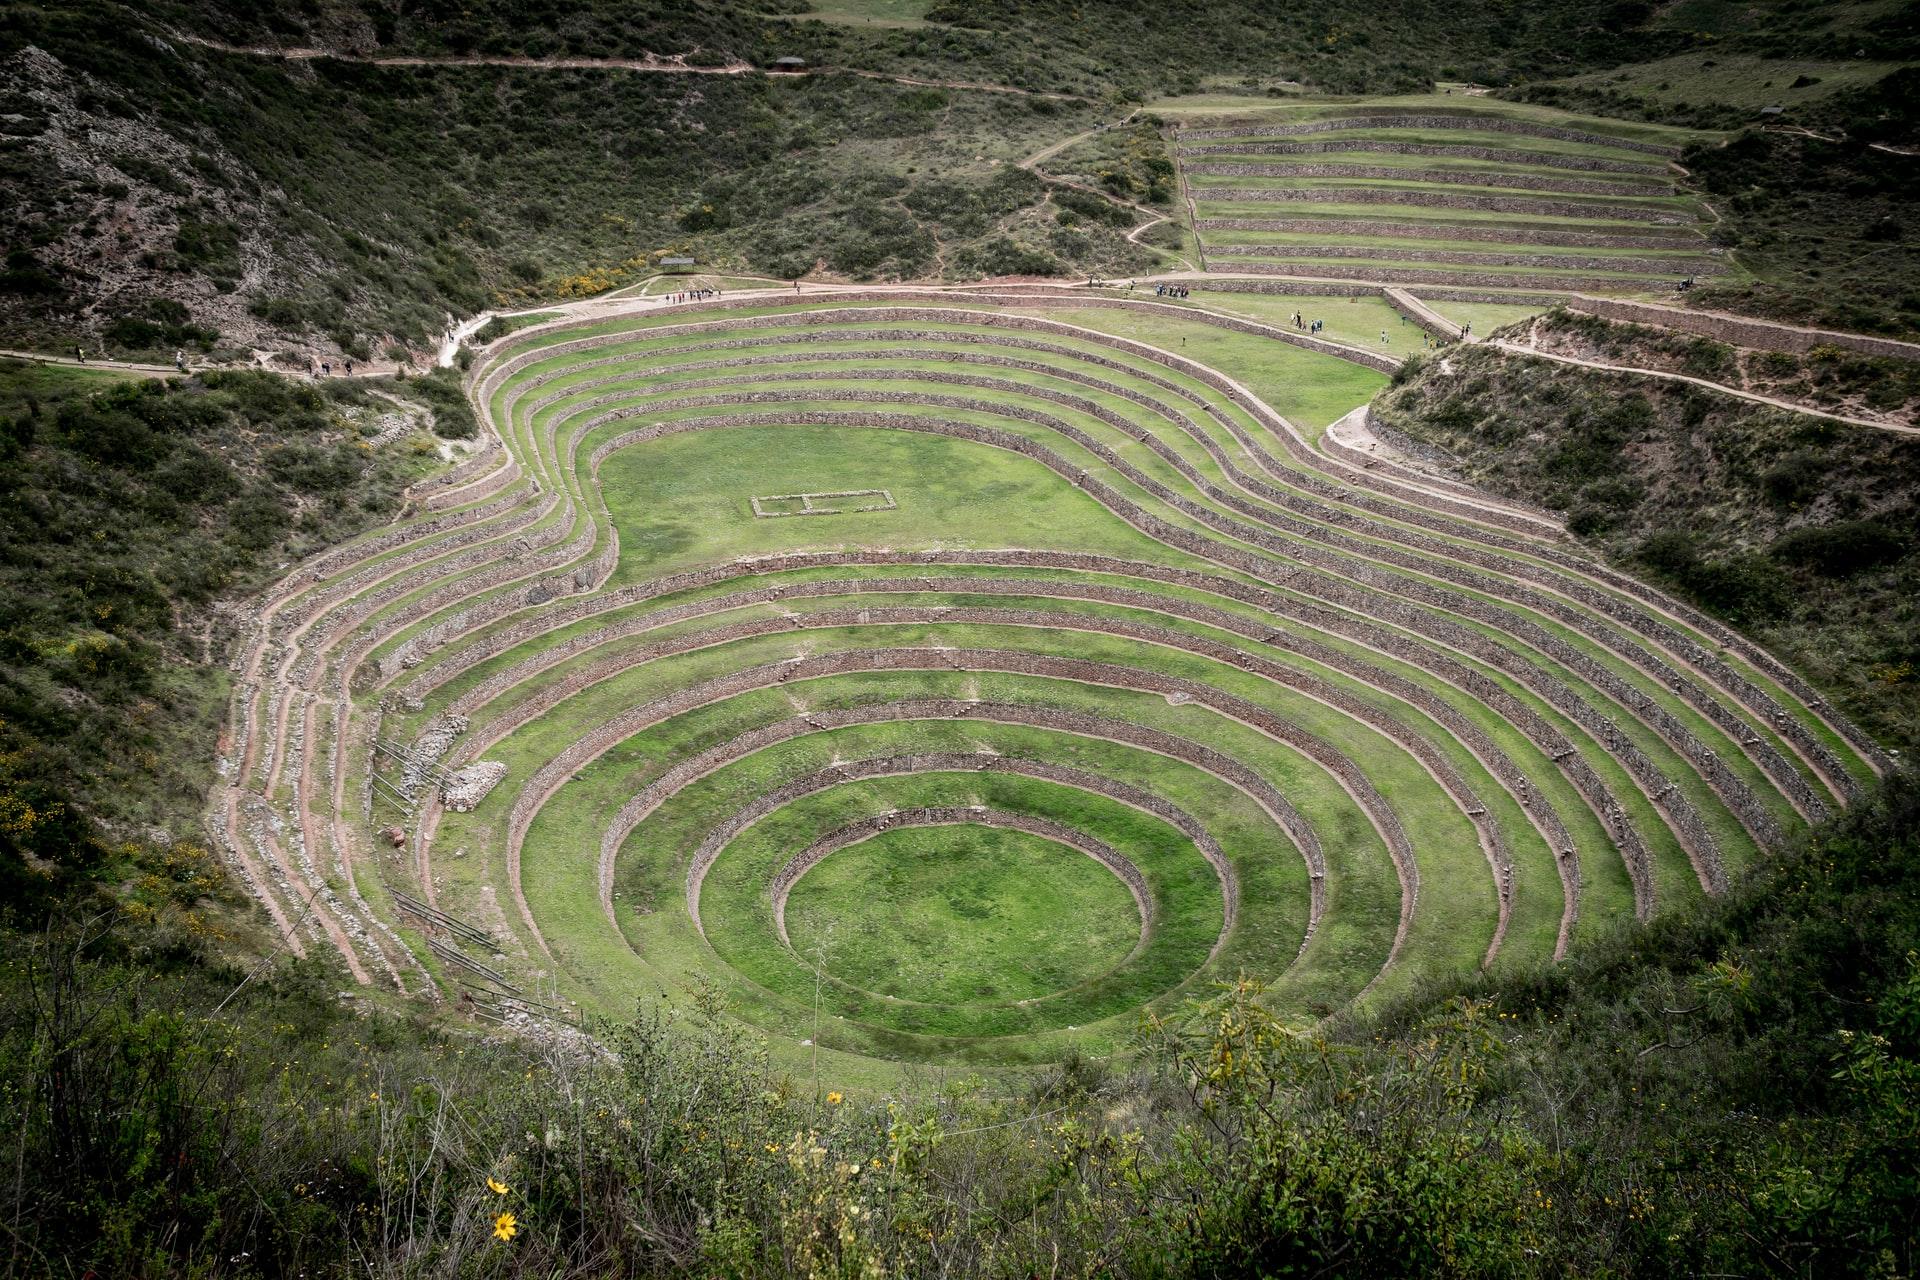 Zona Arqueológica de Moray, Valle Sagrado de los Incas